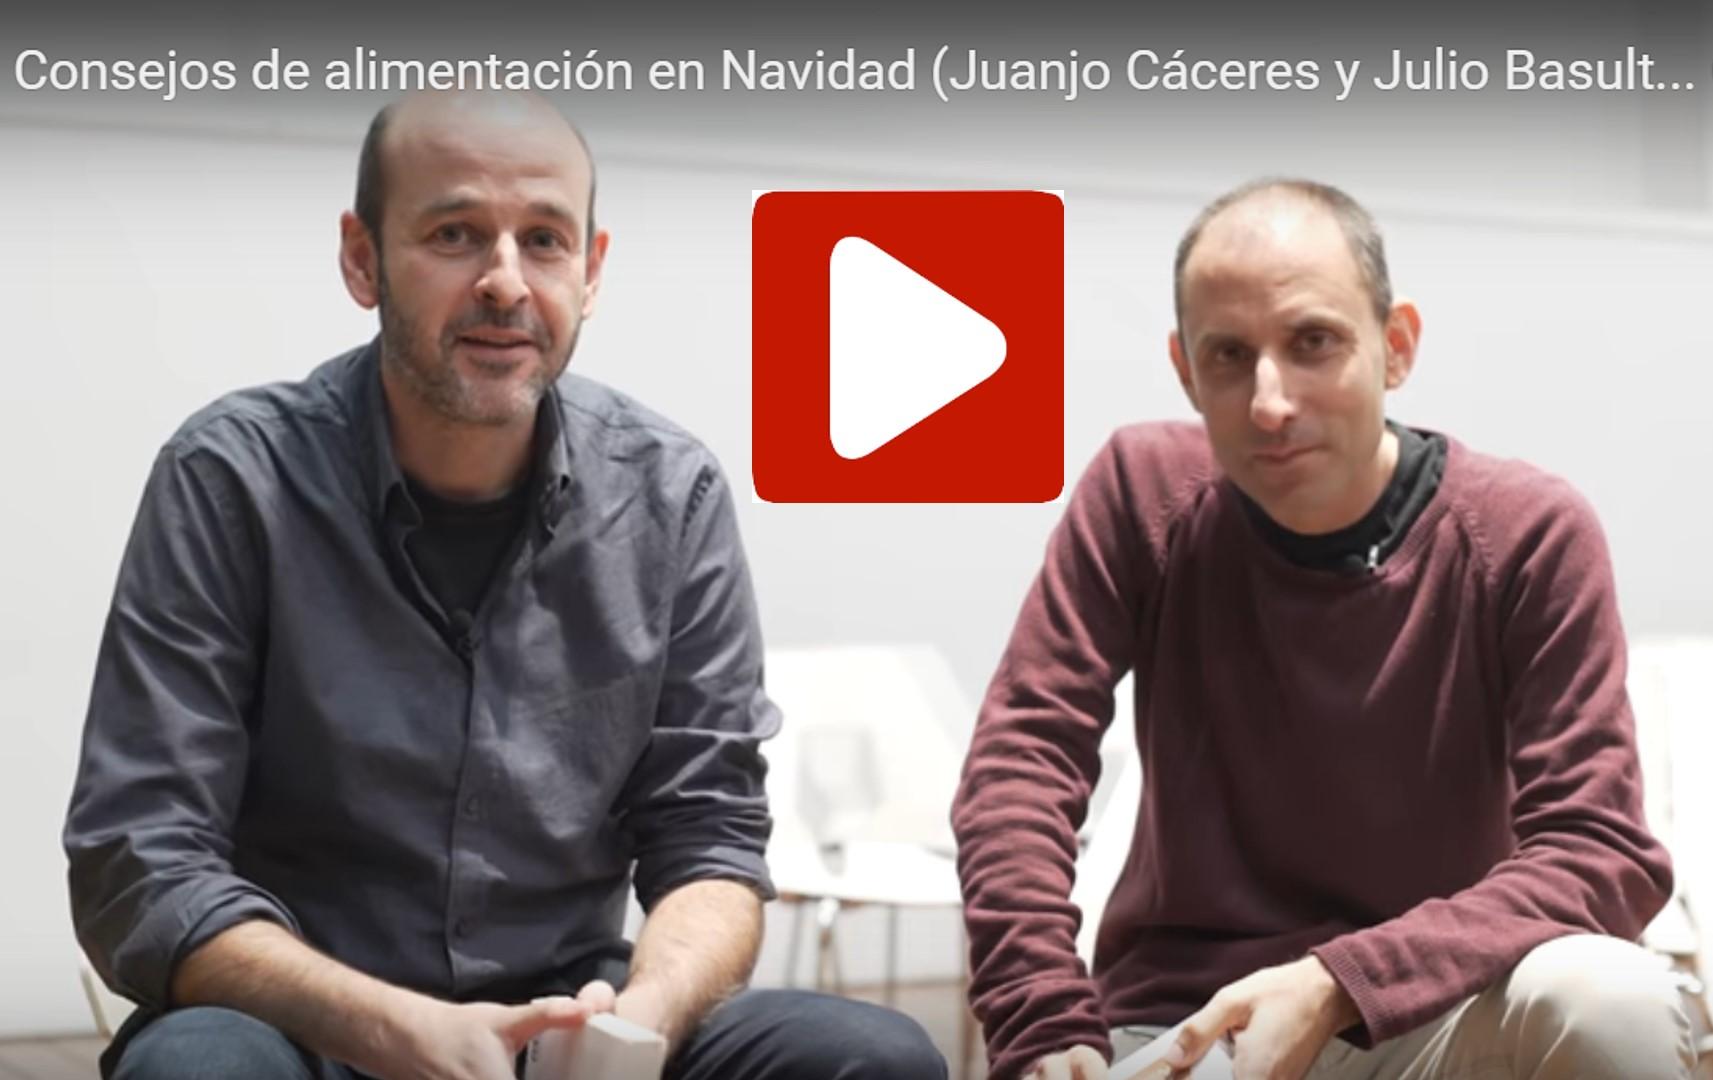 Consejos de alimentación en Navidad, con Juanjo Cáceres